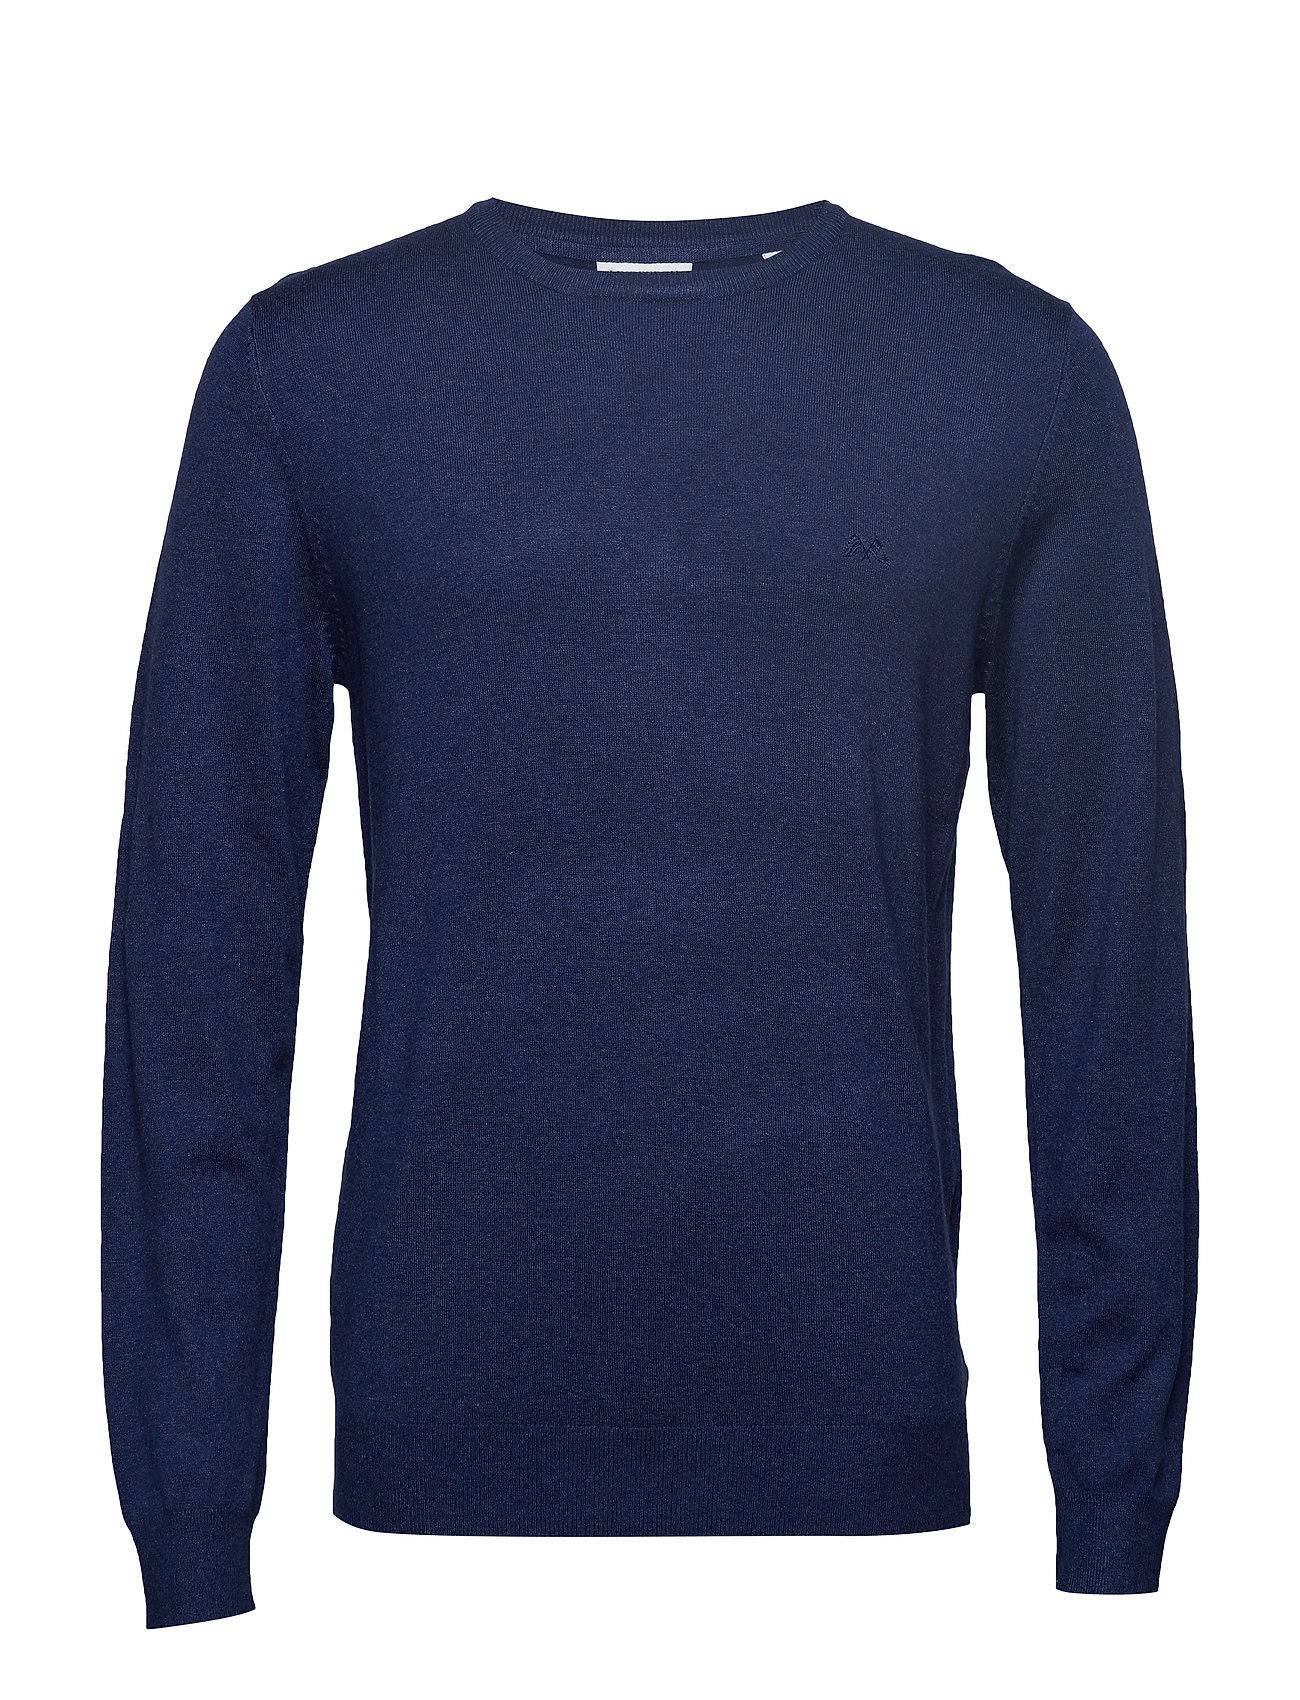 Lindbergh Mélange round neck knit - DK BLUE MEL